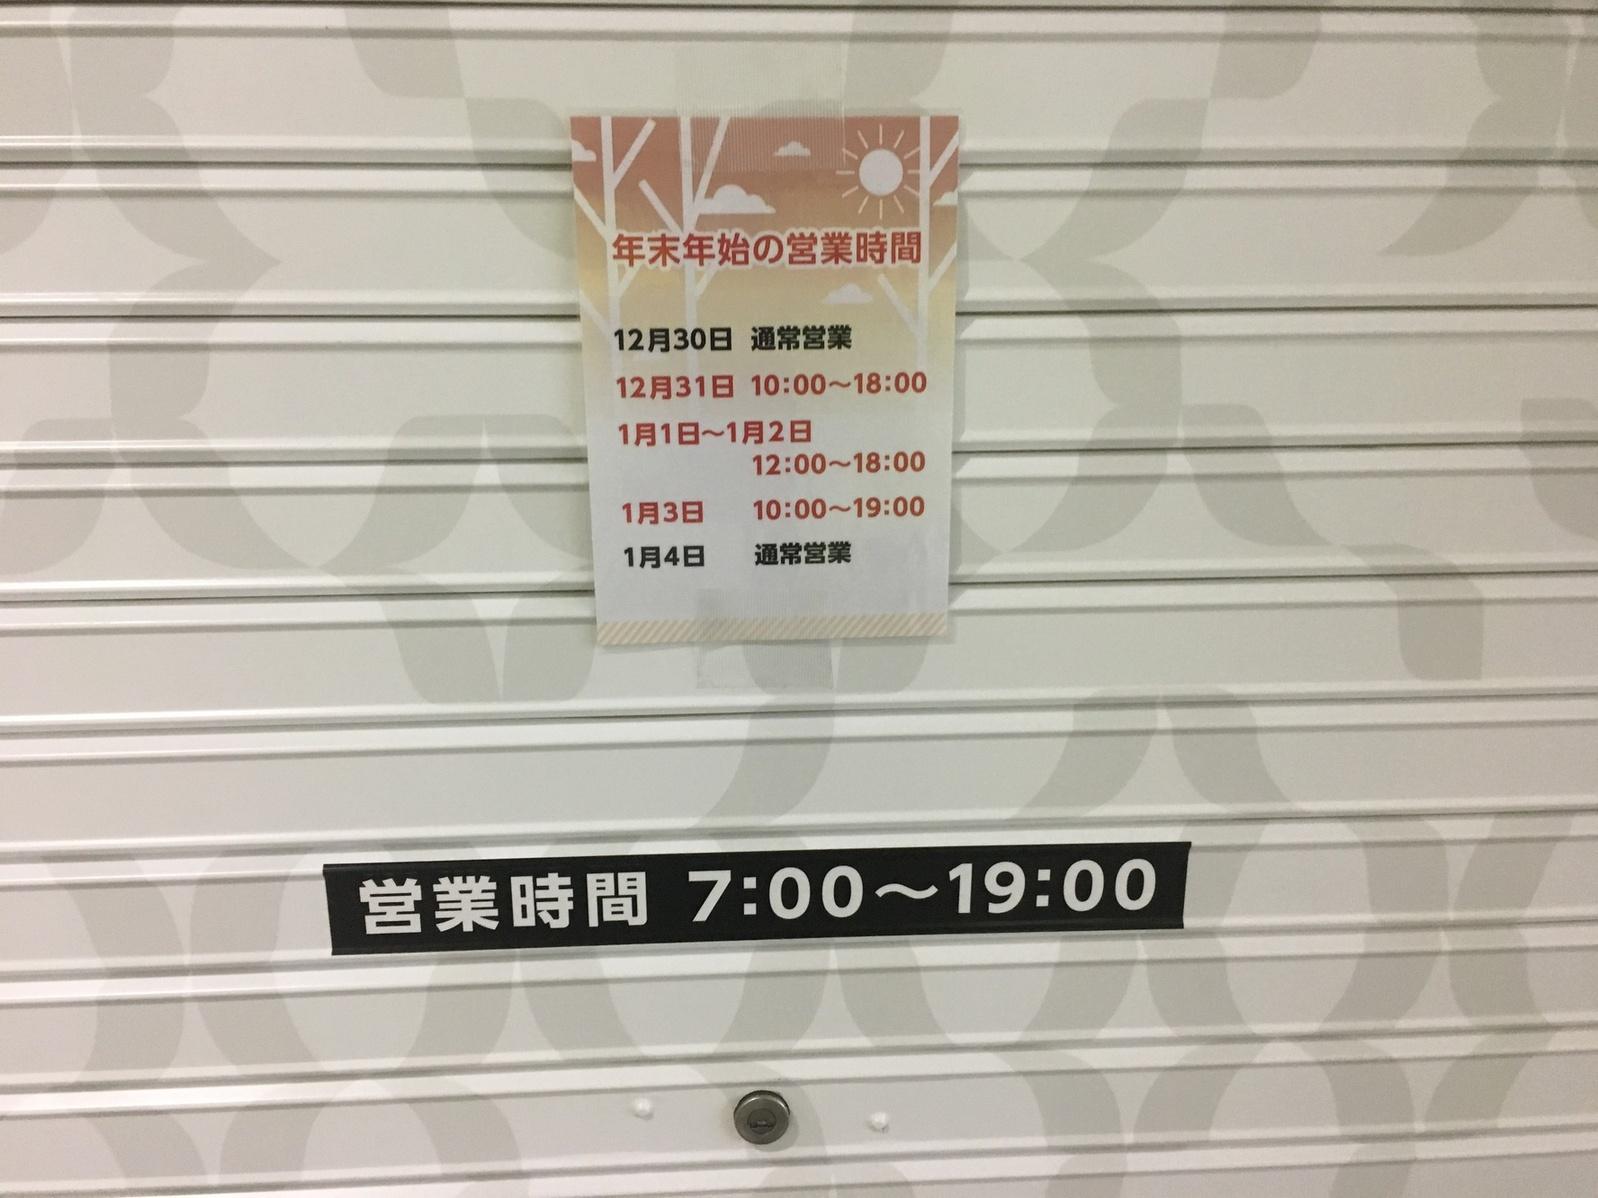 ネスカフェ スタンド 阪急岡町店